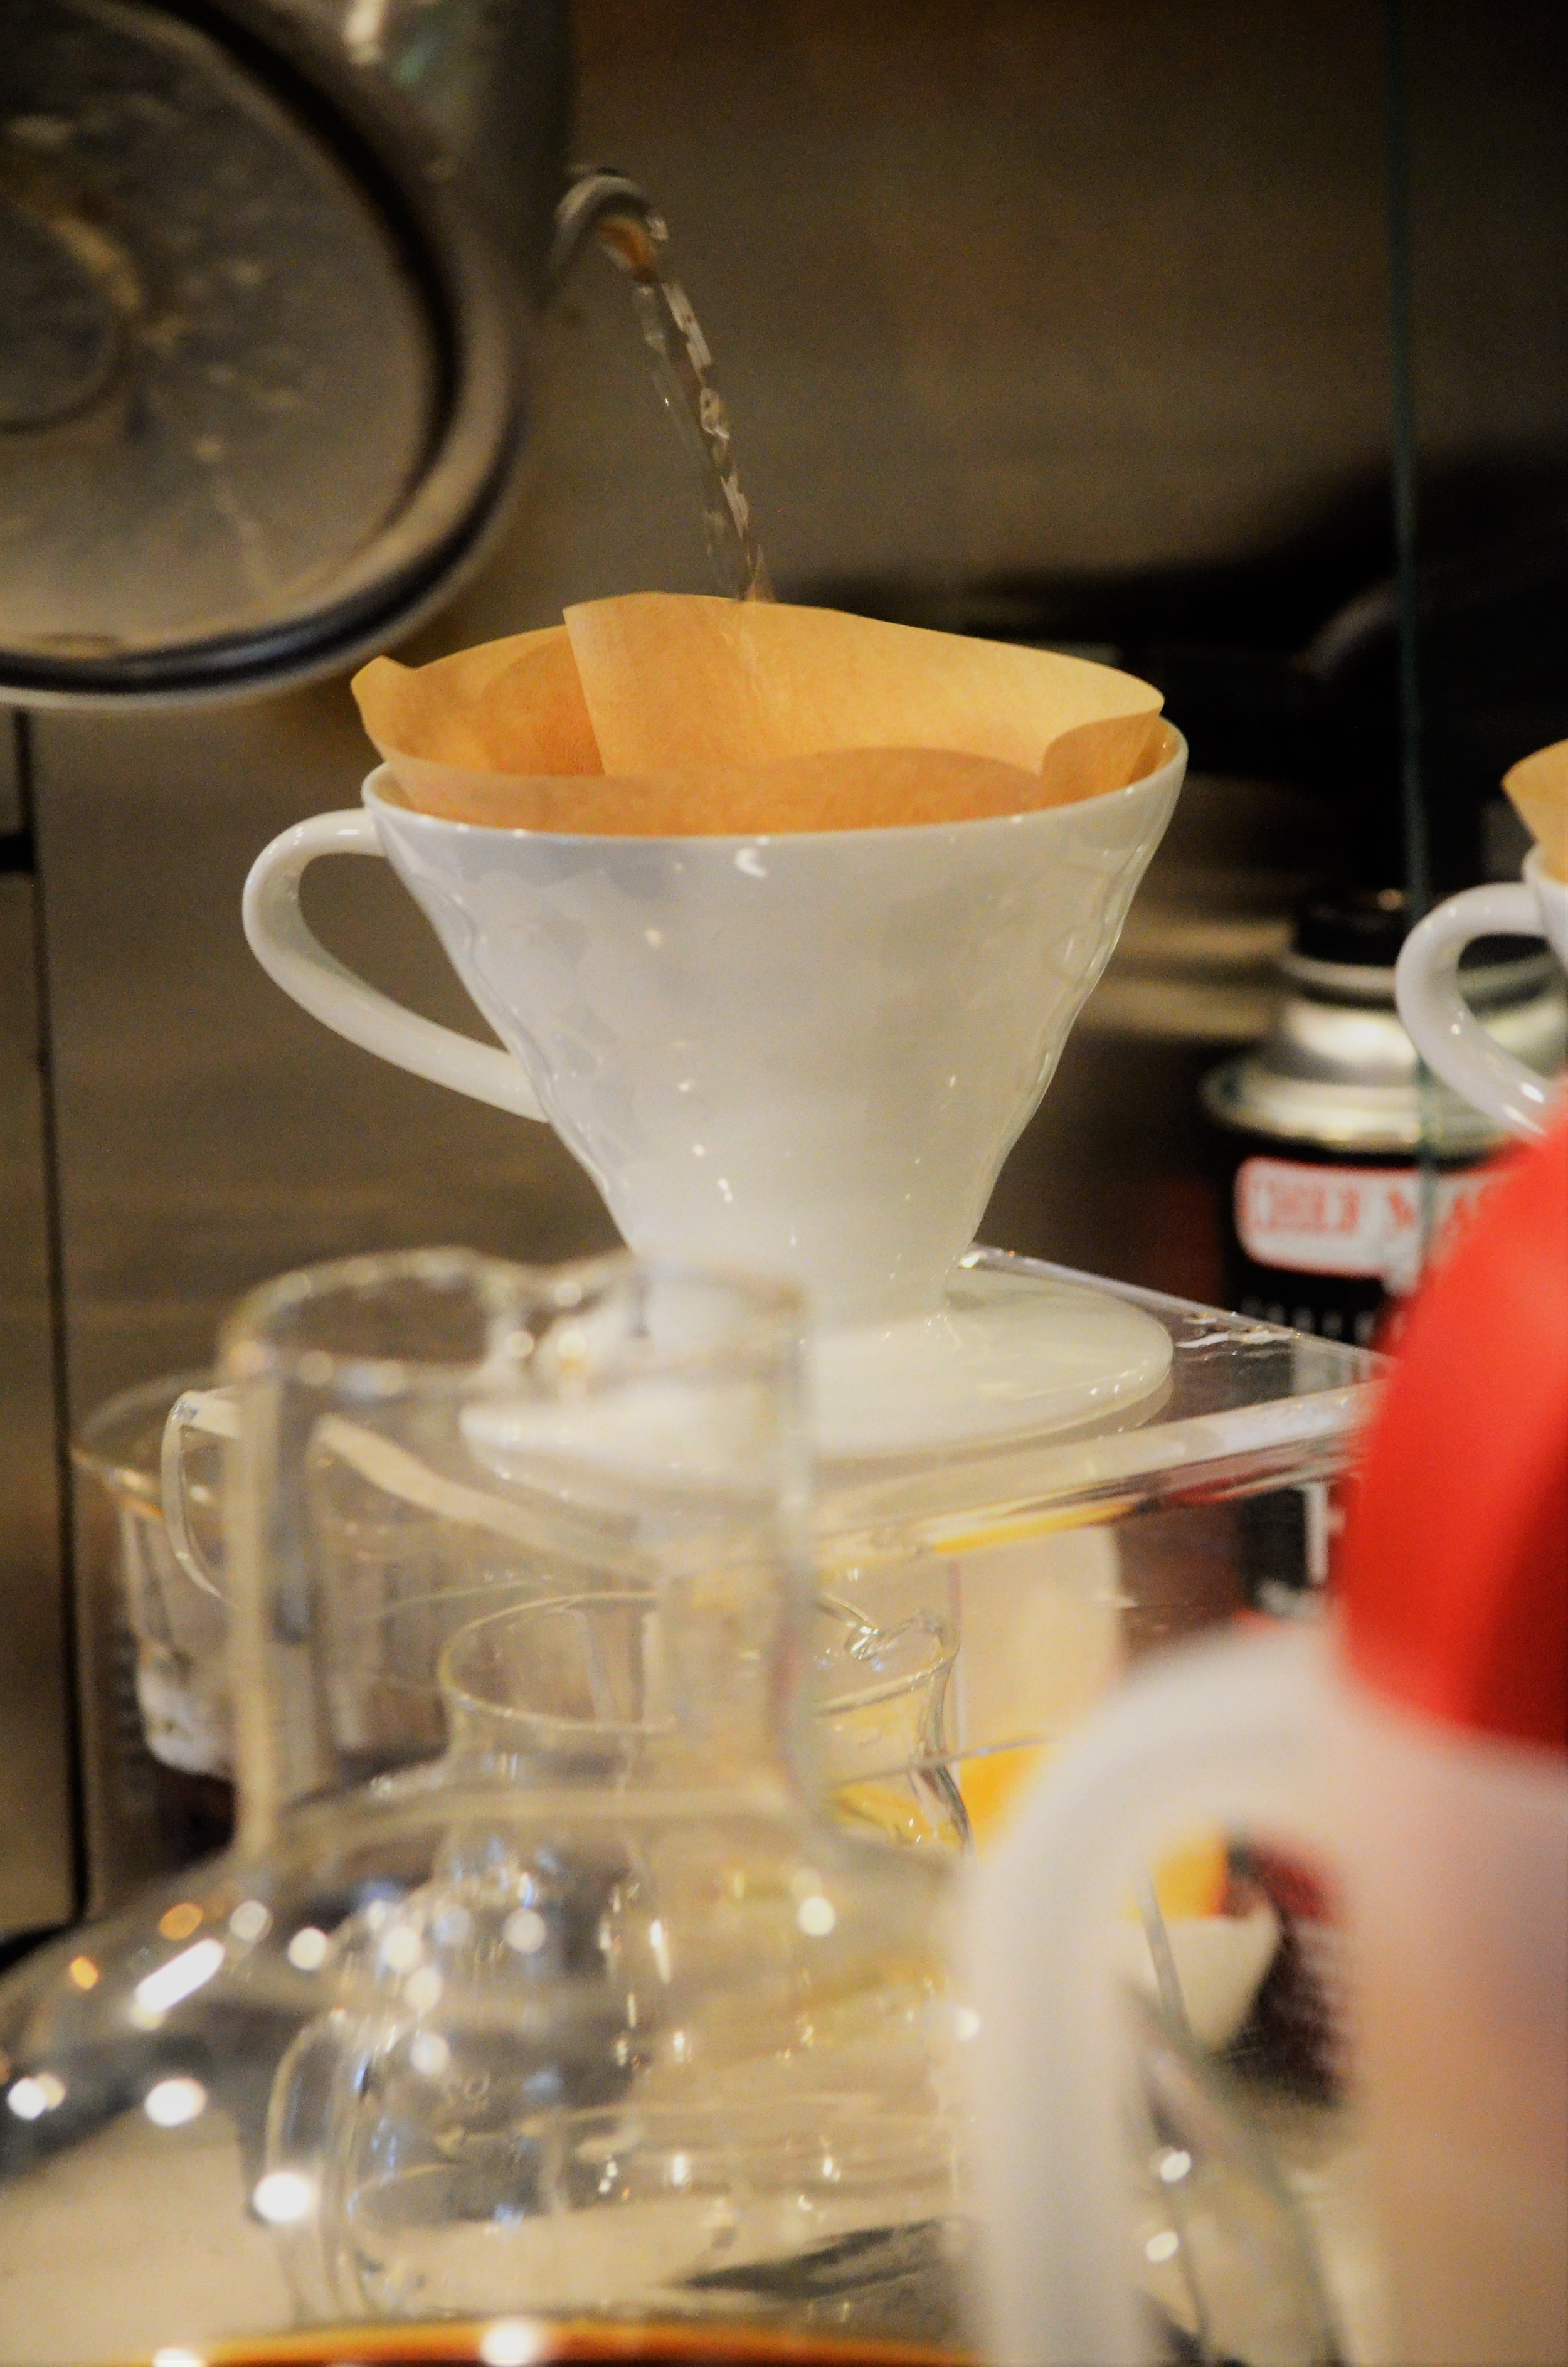 Food Detail - Coffee Filter #4.JPG